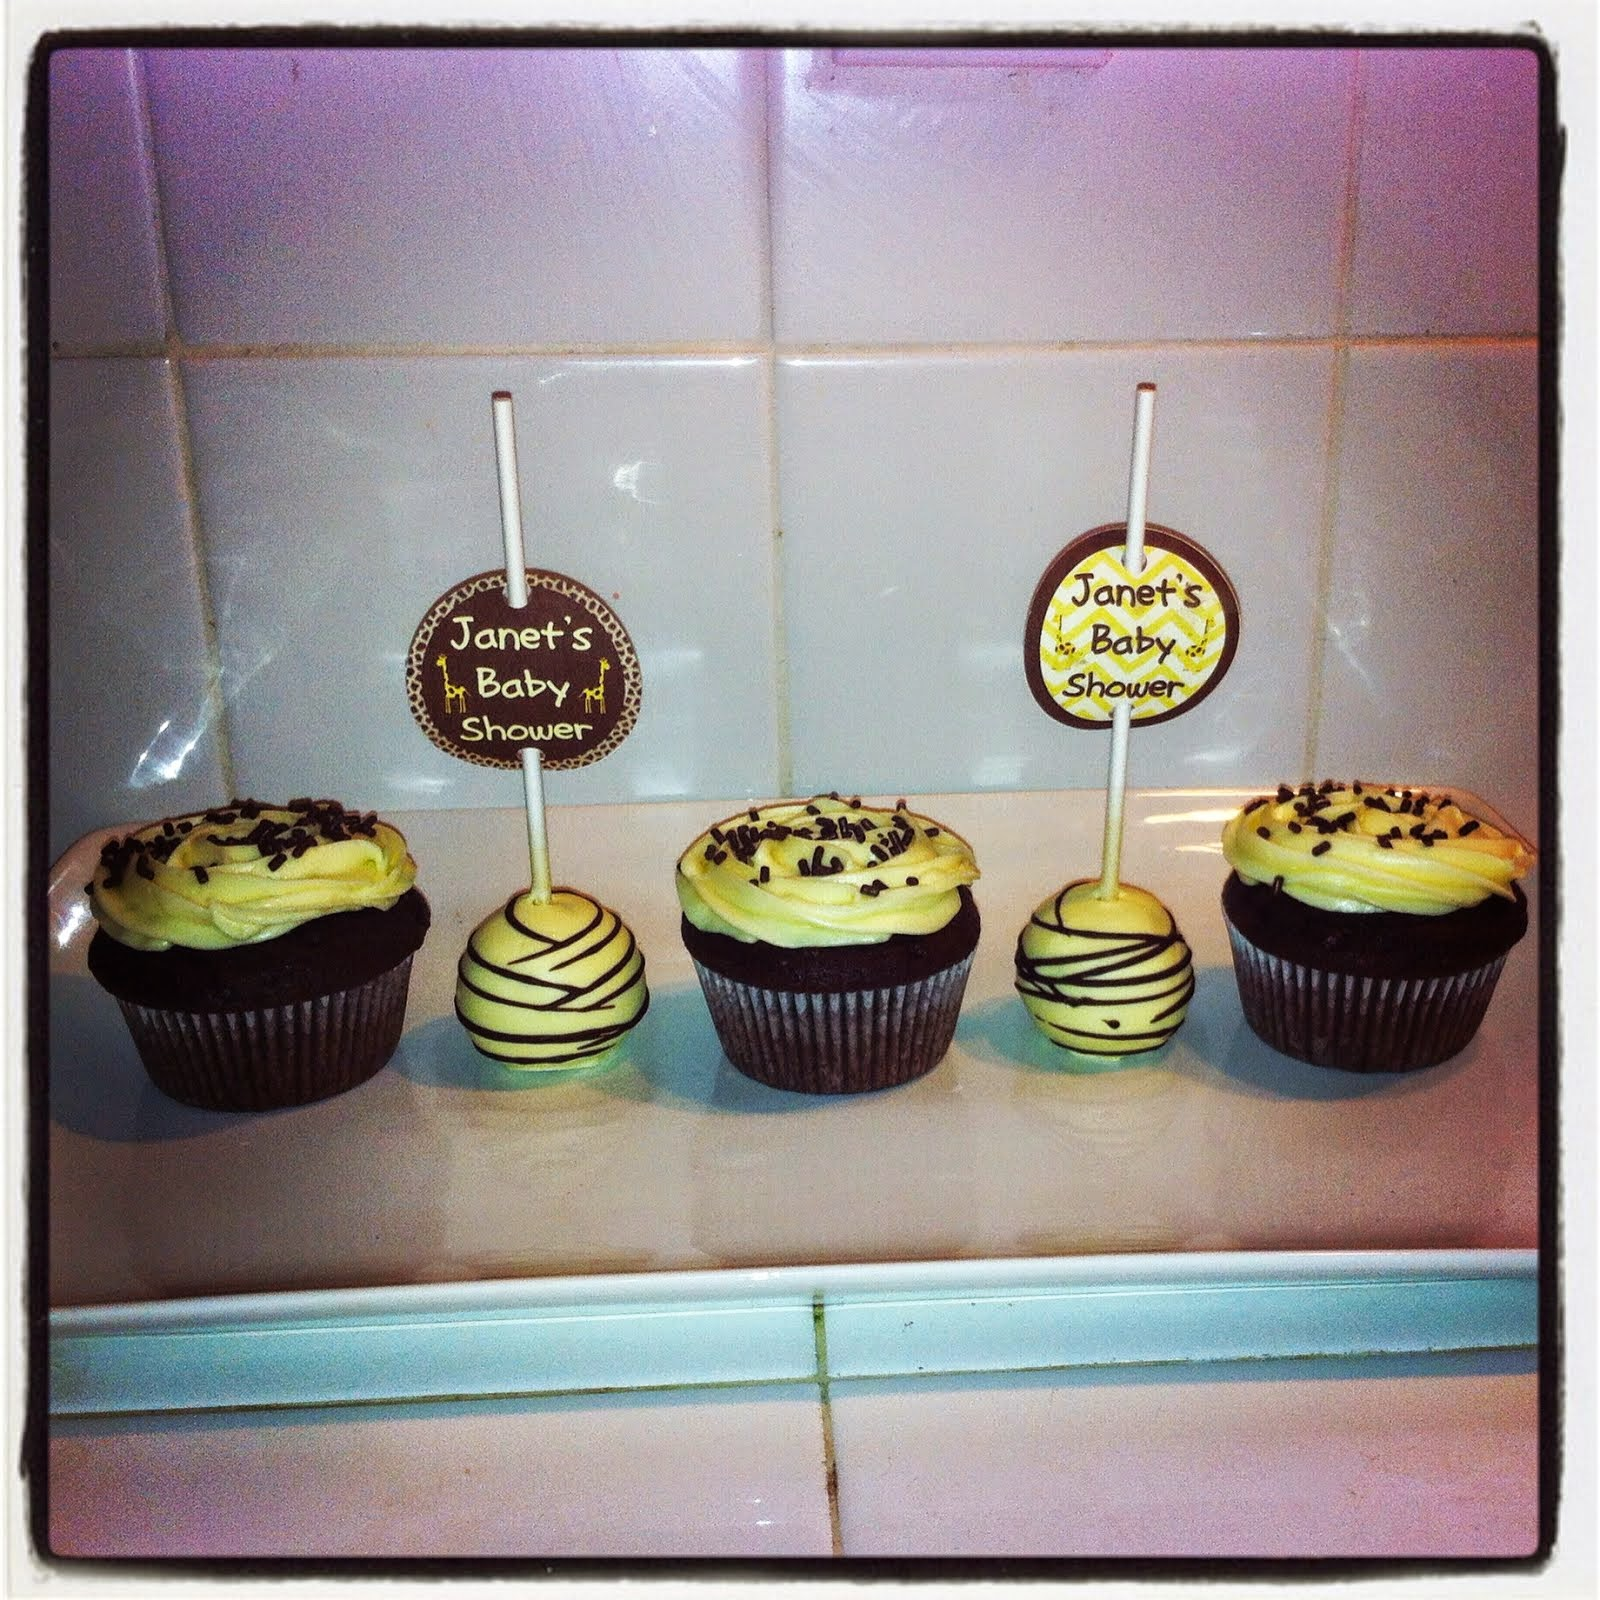 GIRAFFE THEMED CUPCAKES & CAKEPOPS